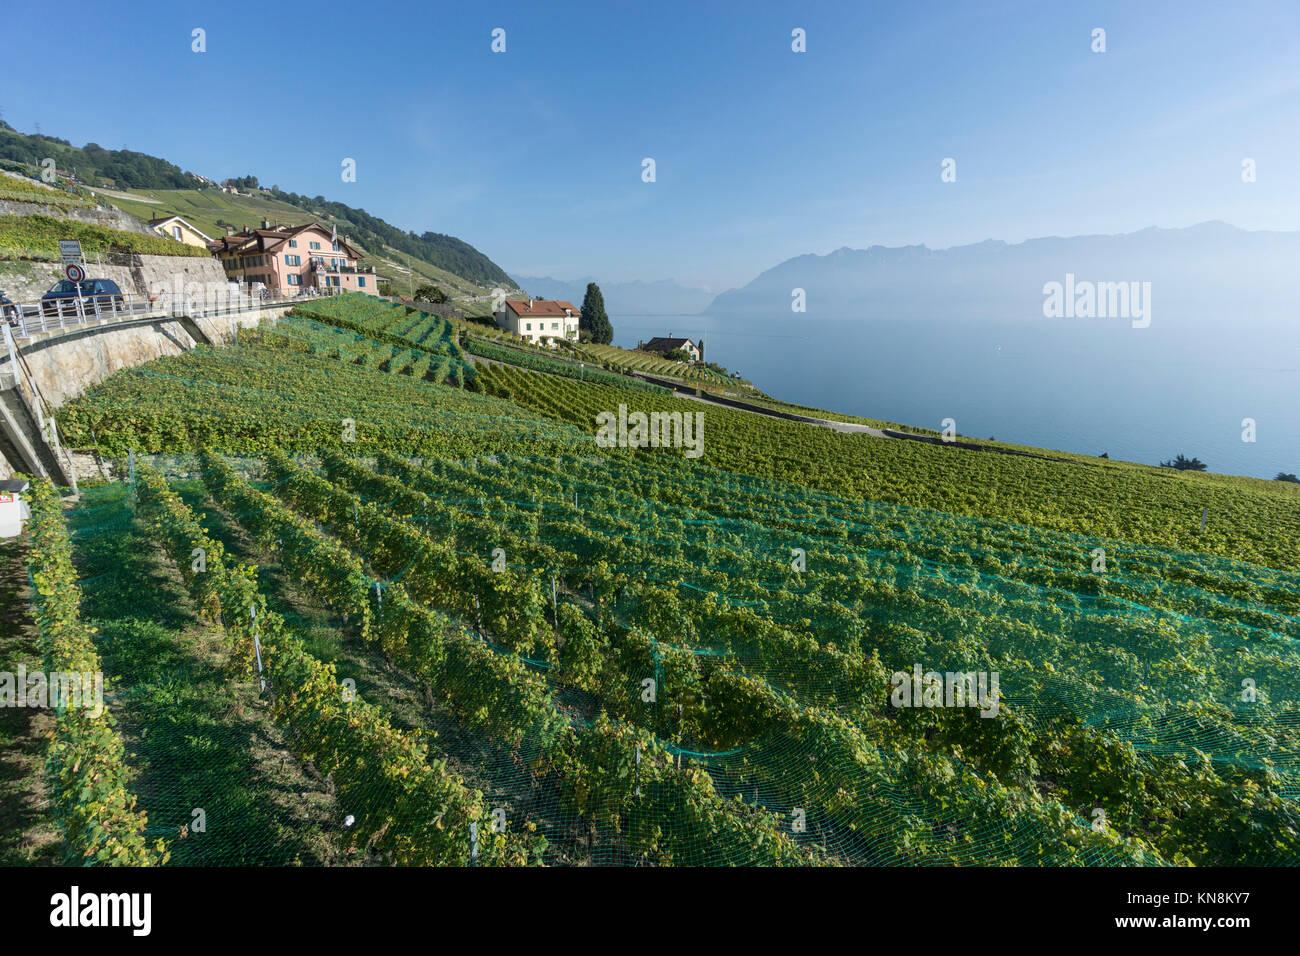 Epesses, Weinberge, Lavaux Region Genfer See, Schweizer Alpen, Schweiz Stockbild